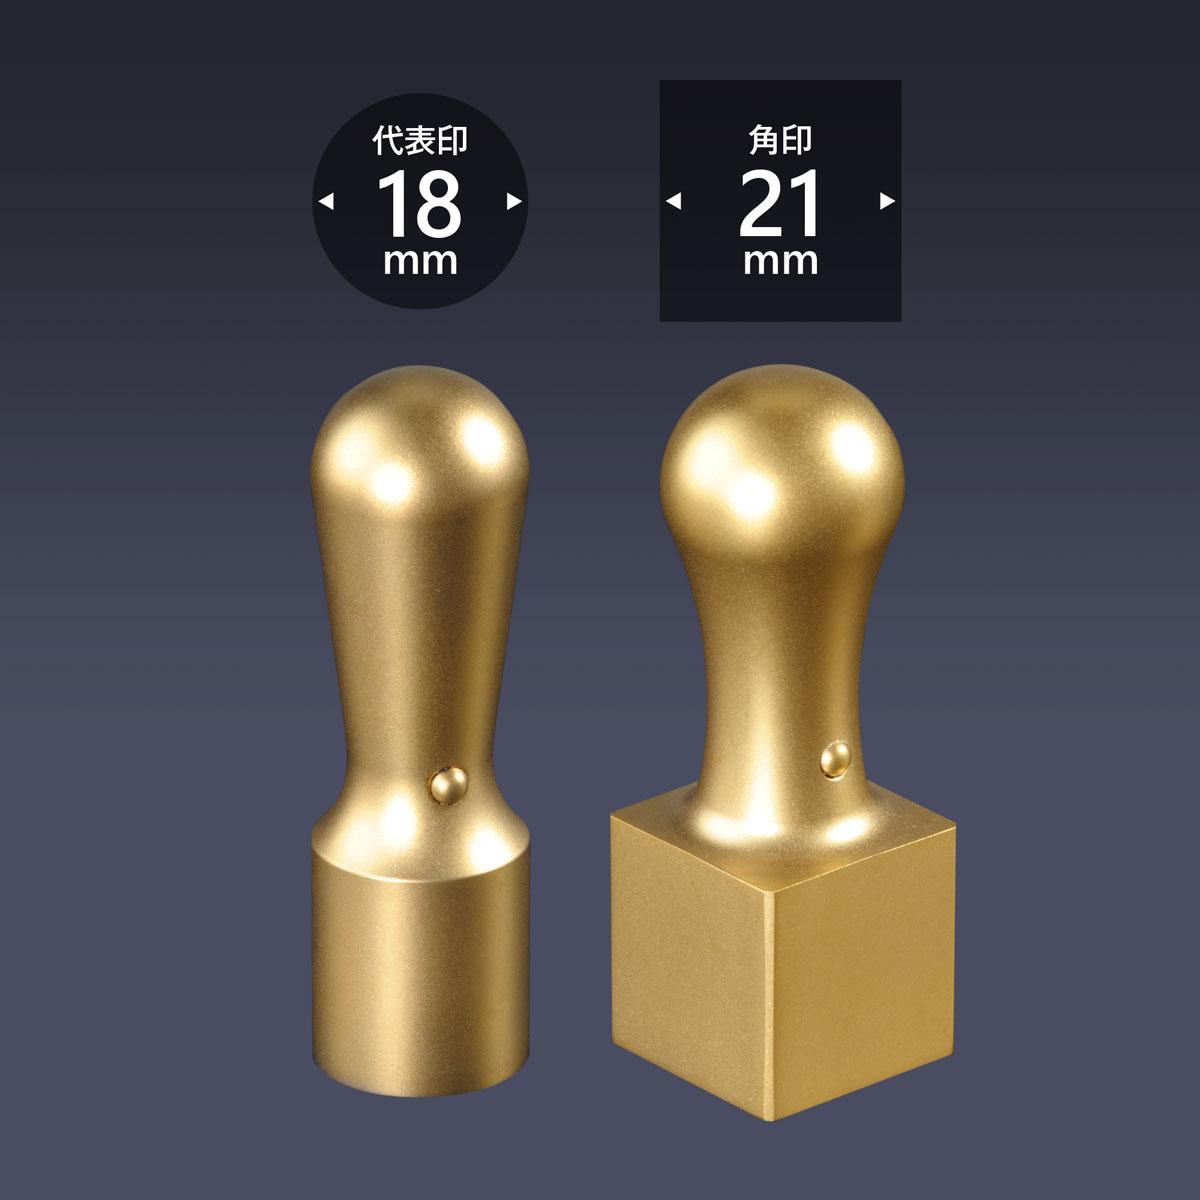 会社印 ブラストチタン(ゴールド)2本Cセット/ 法人 会社設立 実印 銀行印 角印 女性 法人印鑑 社印